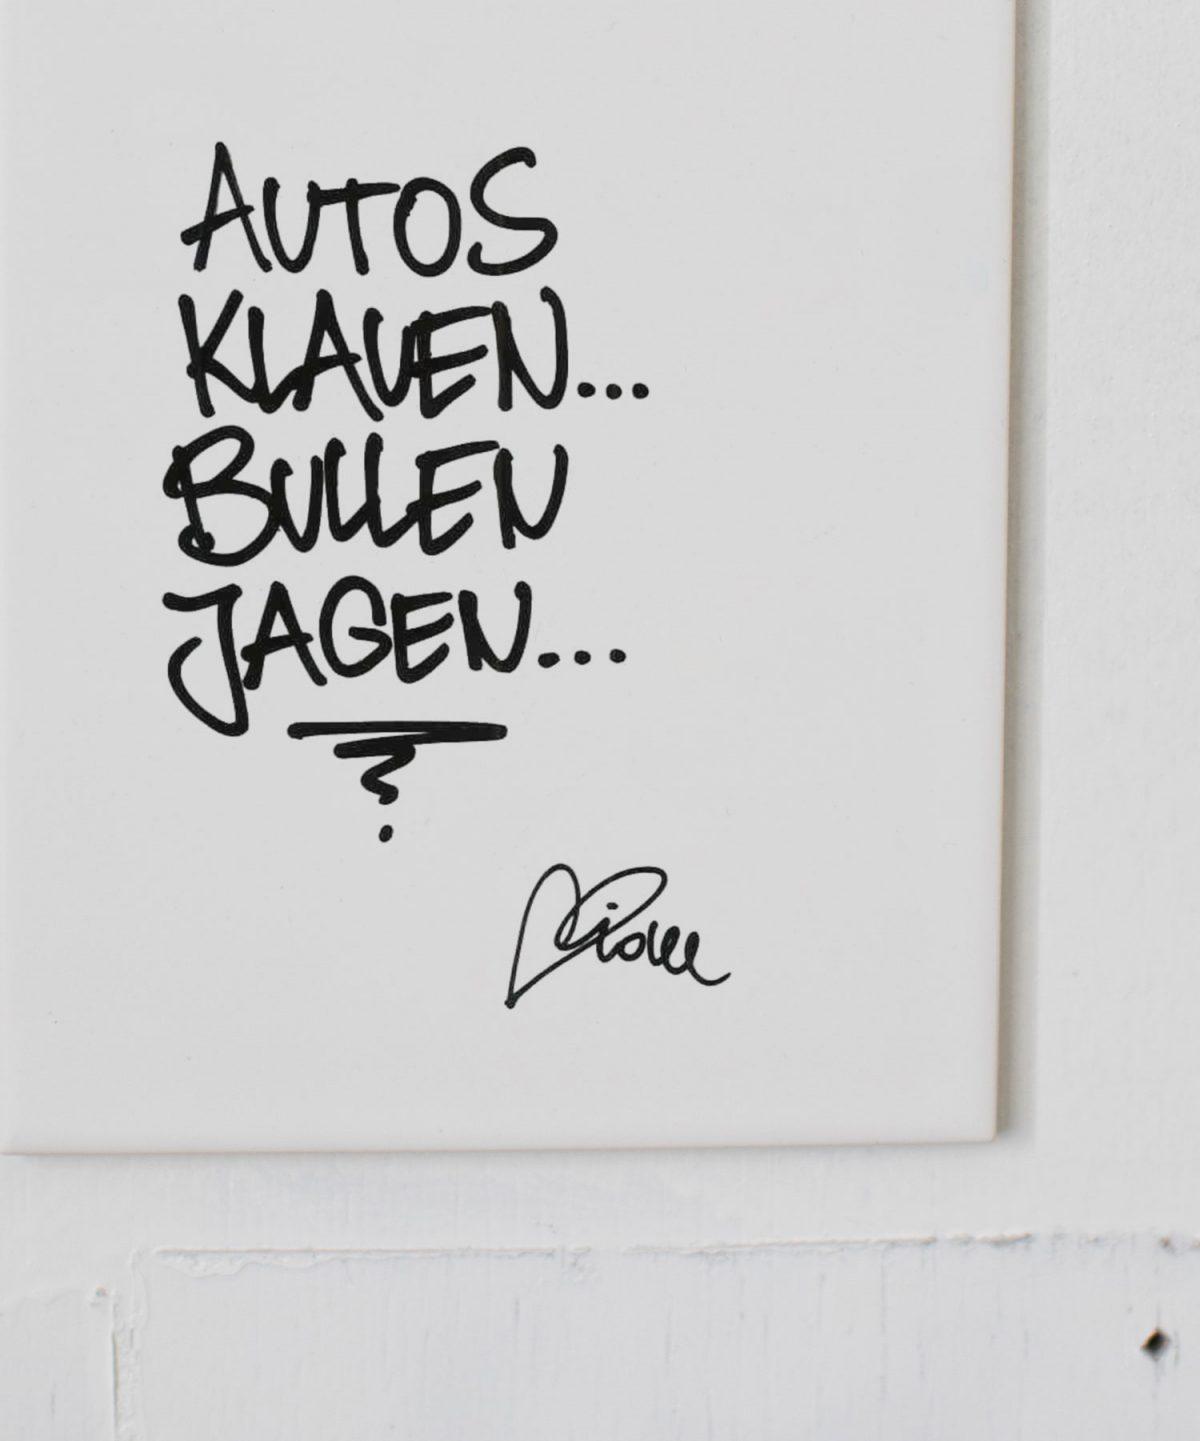 """Weiße Wandkachel mit Handlettering """"Autos klauen, Bullen jagen."""" von Streetartist idee. Foto von Nina Bröll."""